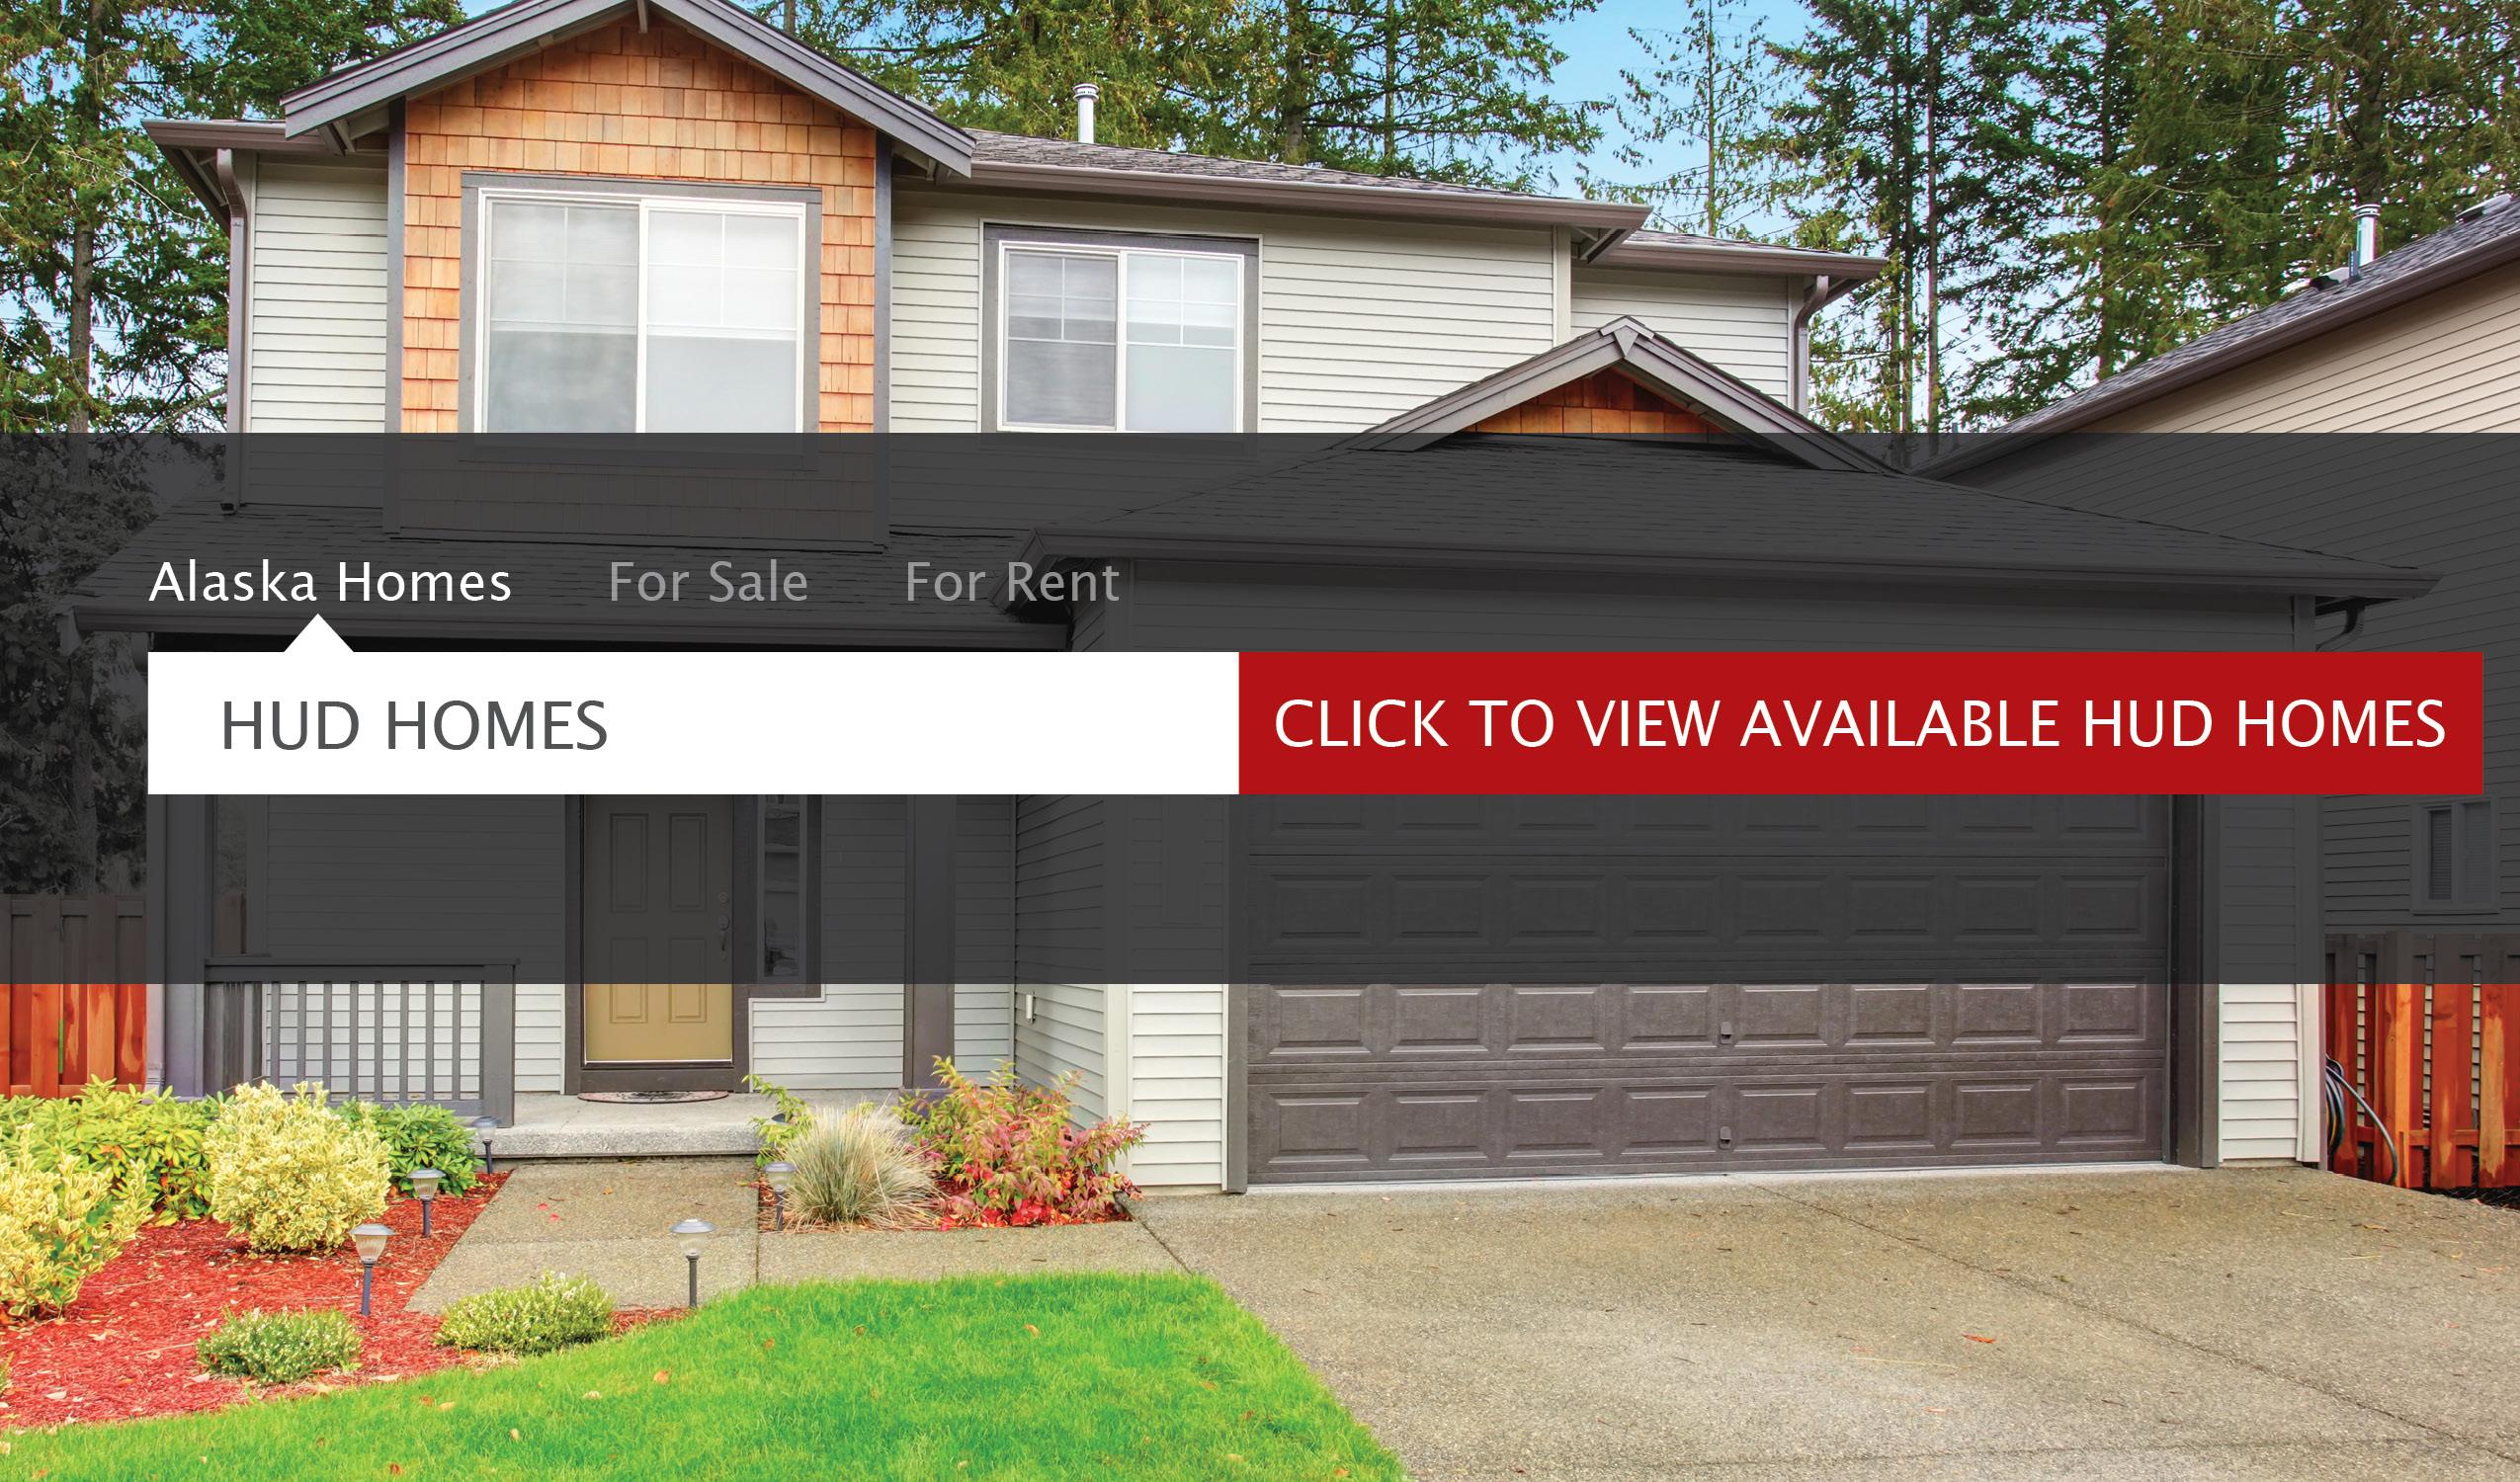 HUD Homes | The Huntley Owen Team - Keller Williams Realty